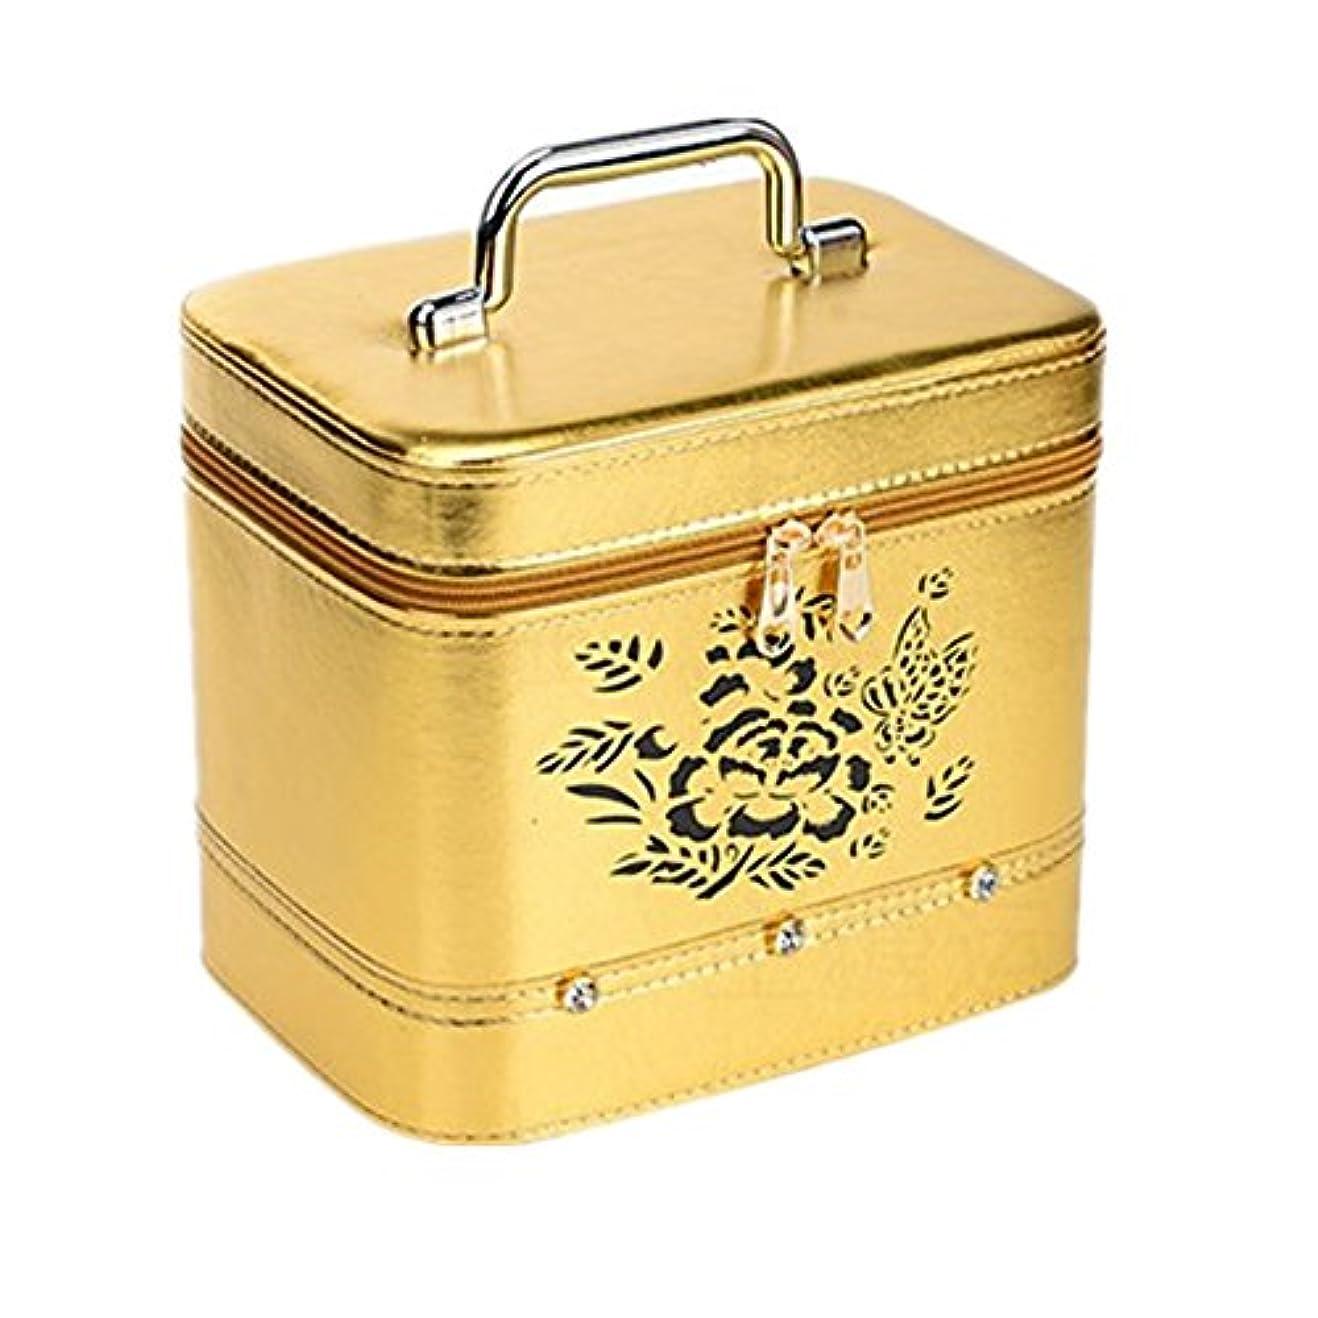 摂氏度武装解除無線化粧オーガナイザーバッグ ジッパーと化粧鏡で小さなものの種類の旅行のための美容メイクアップのためのポータブル化粧品バッグ 化粧品ケース